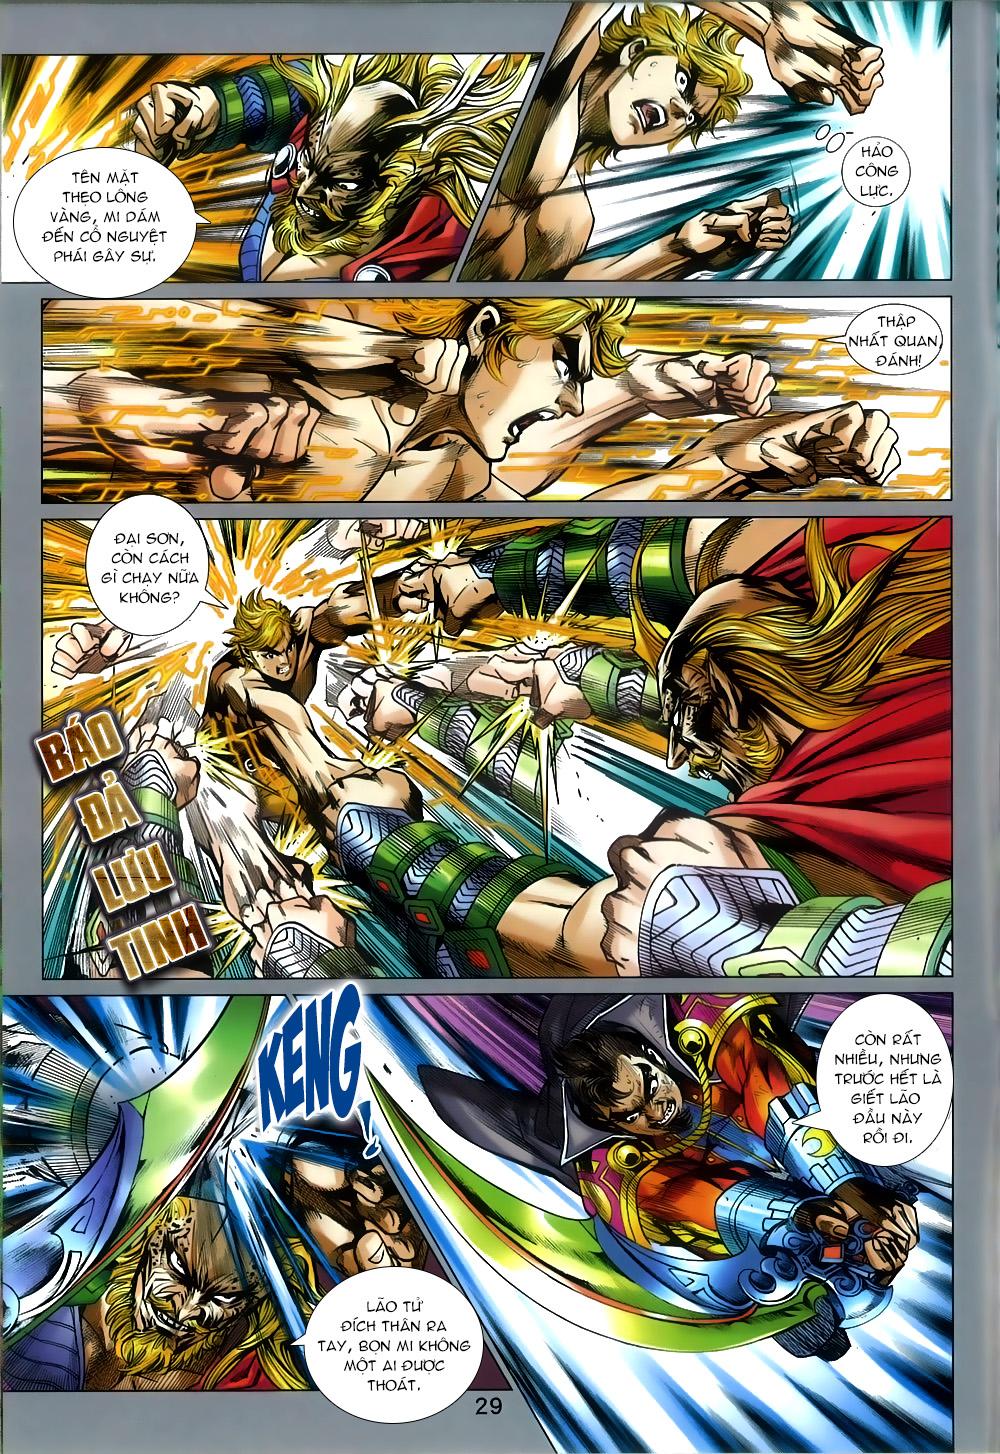 Tân Tác Long Hổ Môn chap 812 Trang 29 - Mangak.info